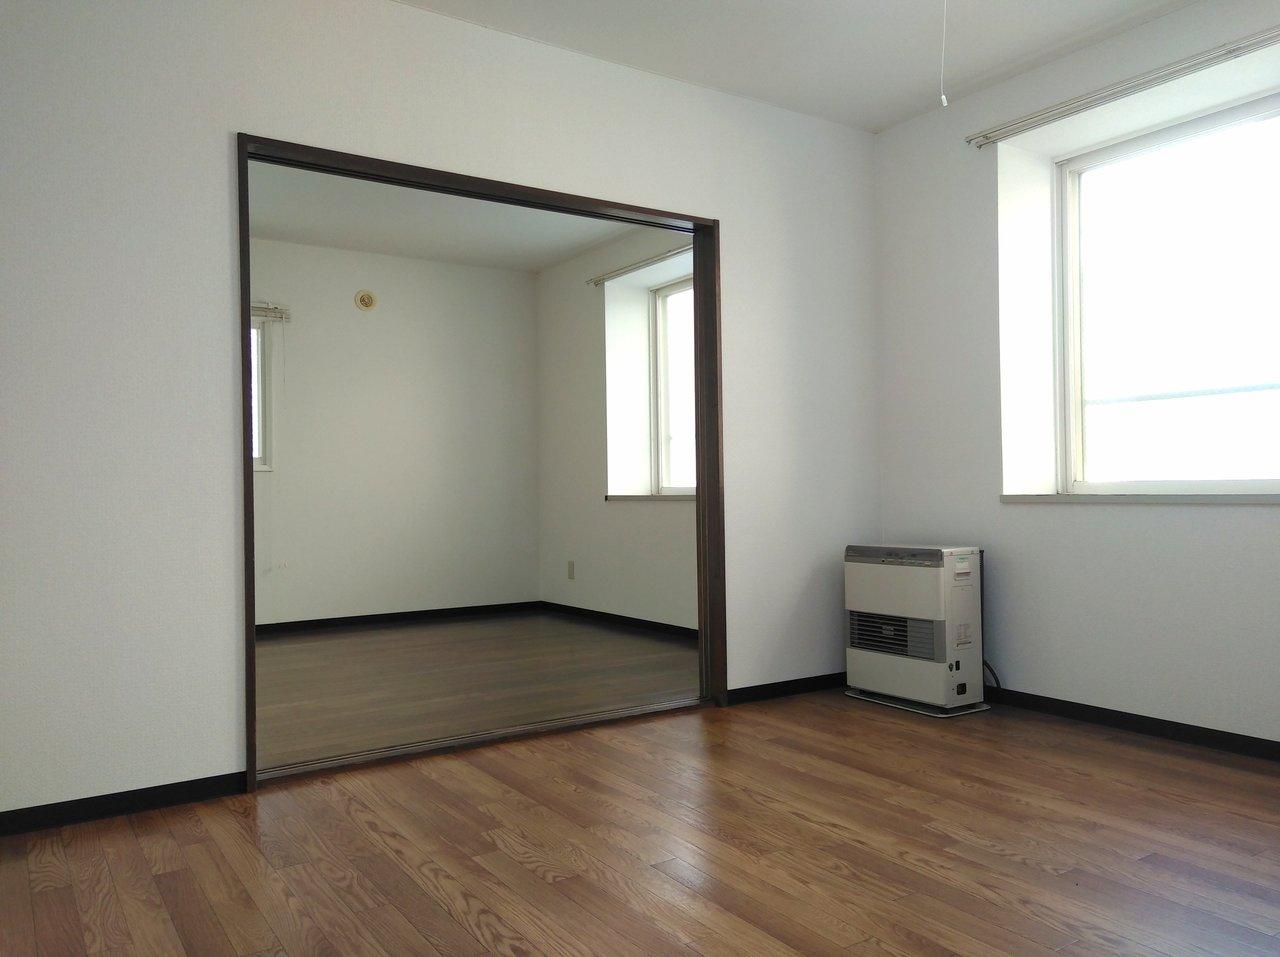 リビングとつながる5.8畳の洋室は、開け放して作業スペースとして使ってもいいかも。お気に入りのデスクと椅子、本棚なんかを置いたら、そのまま仕事もできそうです。